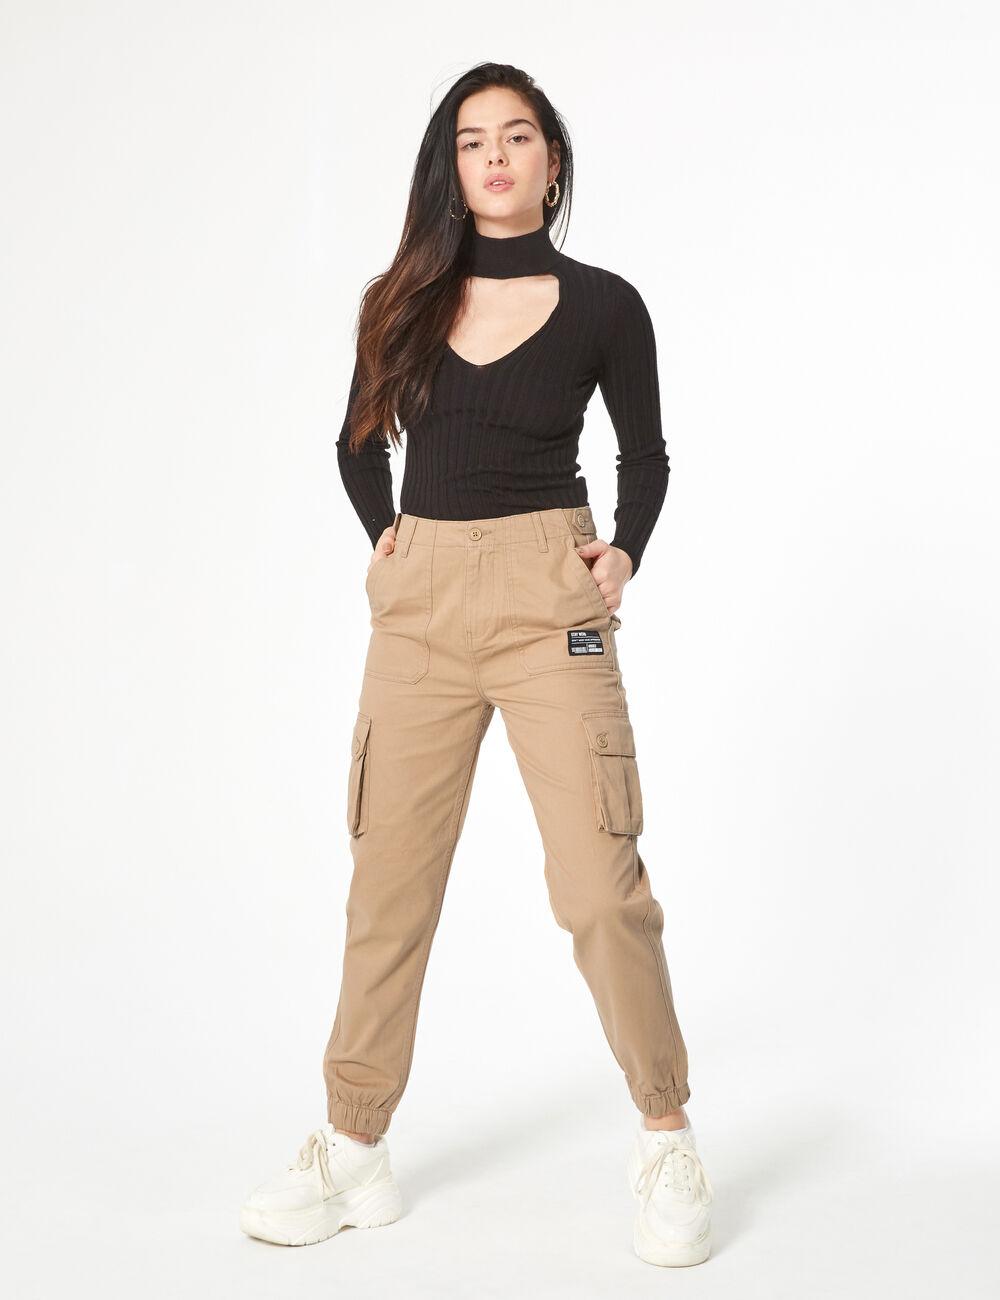 plus récent sortie de gros emballage fort Esprit Femme Pantalon Cargo Jennyfer • Beige Rq34L5Aj